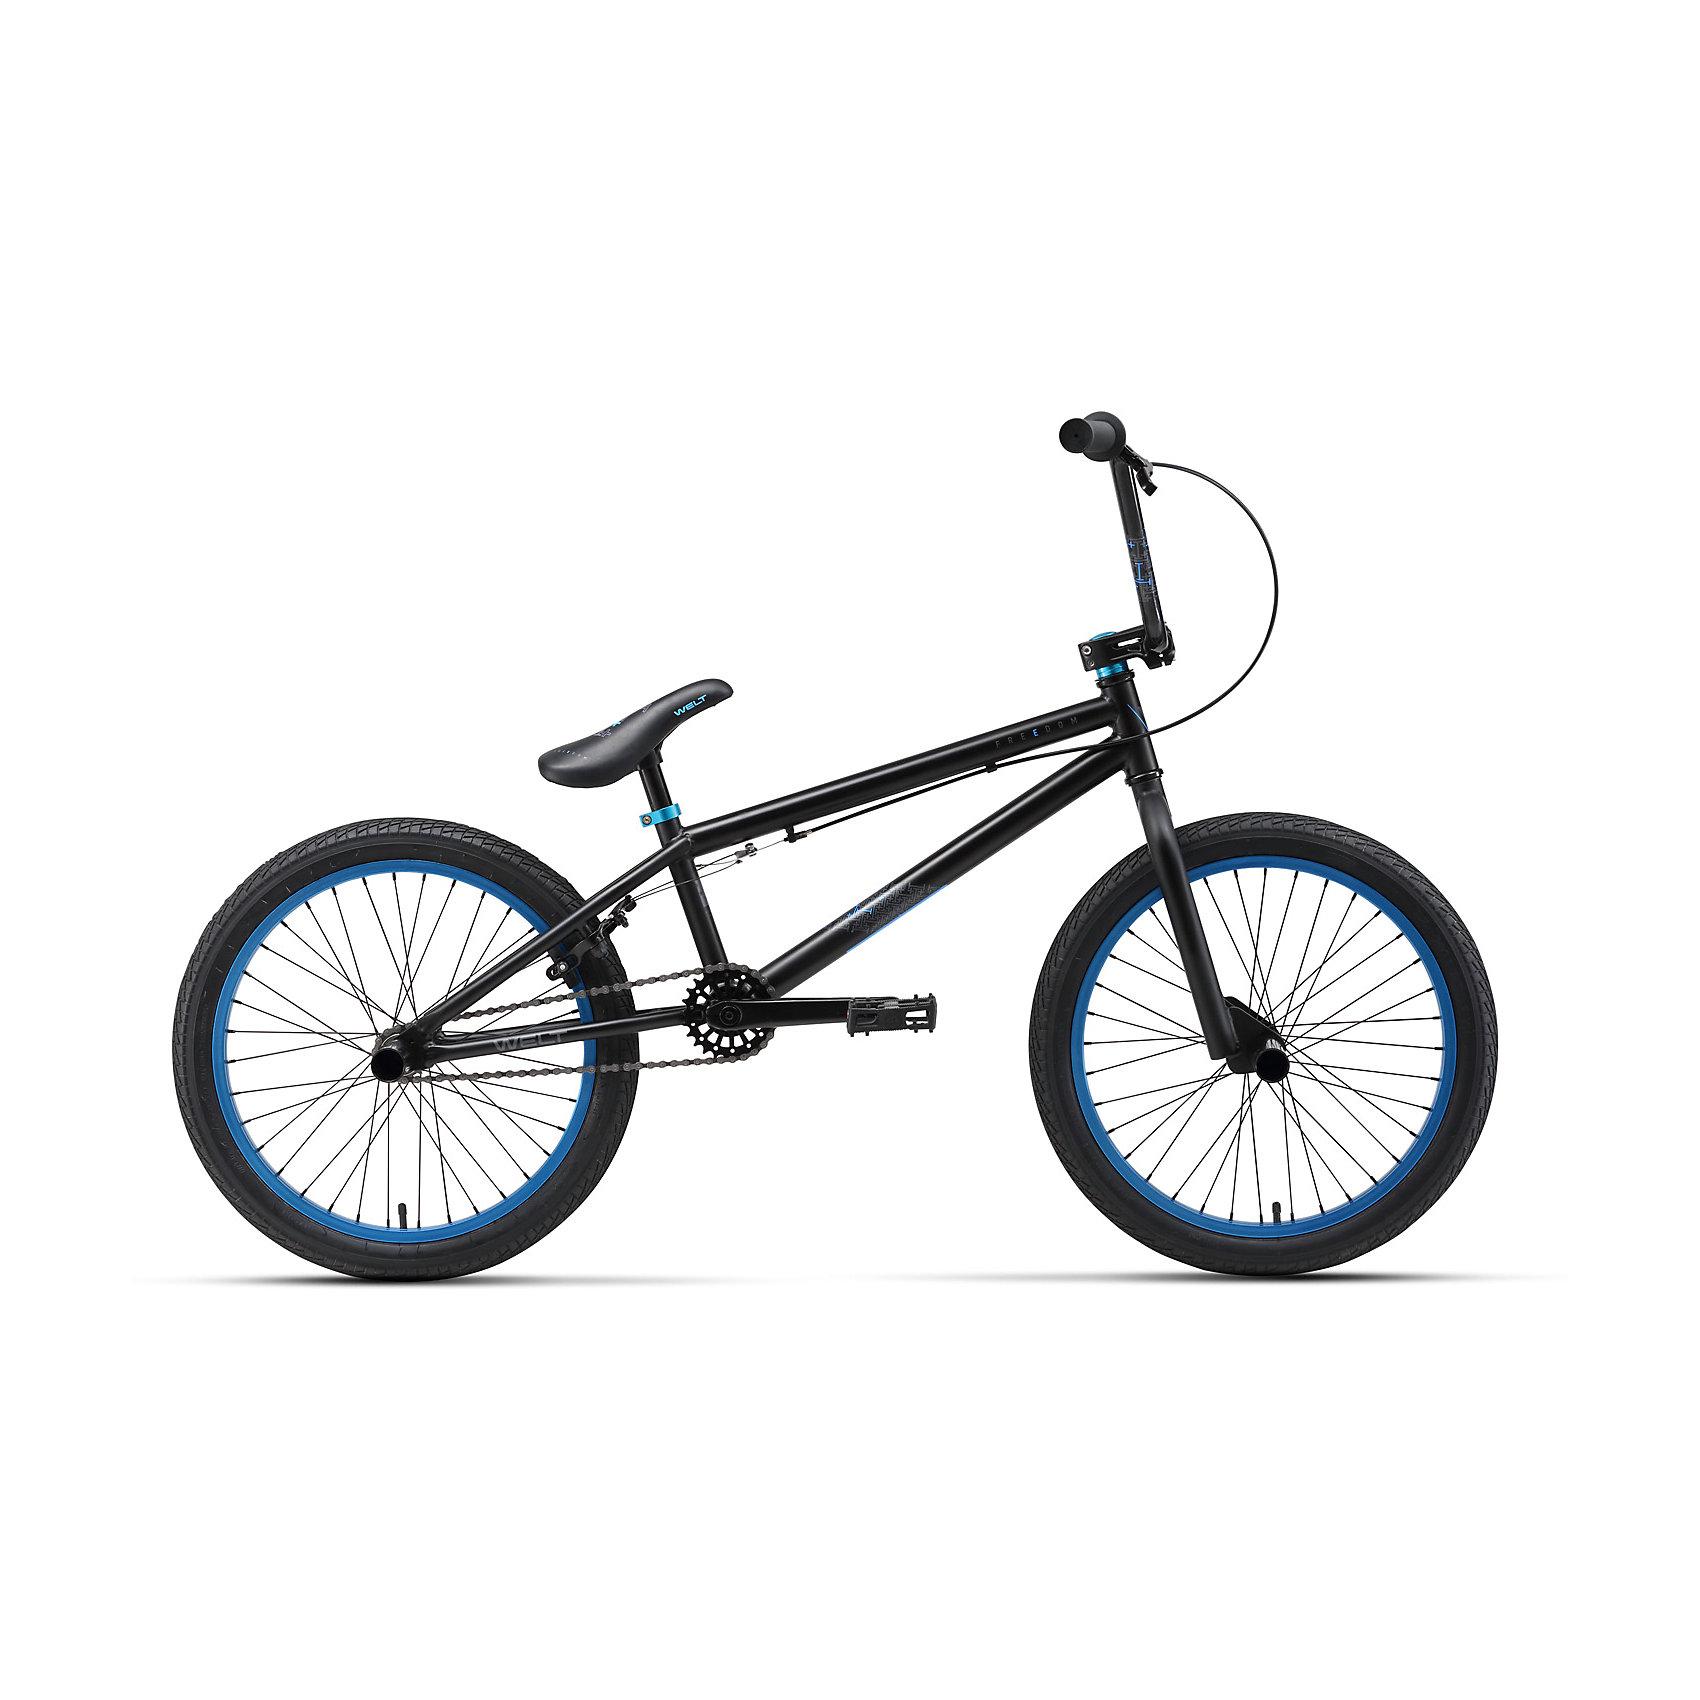 Велосипед  BMX Freedom, черно-синий, WeltВелосипеды детские<br>Характеристики товара:<br><br>• цвет: черный, синий<br>• возраст: от 6 лет<br>• рама: Cr-Mo / Steel<br>• размер рамы, дюймы: Steel<br>• диаметр колес: 20<br>• кол-во скоростей: 1<br>• тип вилки: жесткая <br>• вилка: Rigid steel<br>• тип тормозов: U-brake<br>• тормоза: Apse U25D rear <br>• система: 3 pcs 25T<br>• каретка: US type BB<br>• кассета: 14T integrated<br>• тип рулевой колонки: 1-1/8 безрезьбовая<br>• вынос: Promax alloy A-head 55mm<br>• руль: 710x202mm steel<br>• ободья: Dino alloy <br>• покрышки: Wanda J-1023 20x2,125<br>• втулки: KT Quando 36H<br>• подседельный штырь: steel one bolt type<br>• цепь: KMC Z-410<br>• вес 17,3 кг<br>• страна бренда: Германия<br><br>Велосипед ВМХ начального уровня с продуманной геометрией, 3-х компонентными шатунами и комплектующими. Идеальный вариант первого велосипеда для обучения техническим элементам, рама которого в будущем послужит хорошей базой для апгрейда. <br><br>Подходит для катания начиная с 6-летнего возраста. В комплект входят 2 пеги, которые устанавливаются на левую или правую сторону велосипеда в зависимости от того, какой стороной райдер будет запрыгивать на грани и рейлы. <br><br>Также велосипед оснащен широкими алюминиевыми педалями топталками. Велосипед оборудован задним ободным тормозом. Обратите внимание, что в современных ВМХ велосипедах для фристайла гиророторы для проводки тормозных тросов не используются.<br><br>Велосипед  BMX Freedom, черно-синий, Welt можно купить в нашем интернет-магазине.<br><br>Ширина мм: 1450<br>Глубина мм: 200<br>Высота мм: 800<br>Вес г: 16500<br>Возраст от месяцев: 120<br>Возраст до месяцев: 240<br>Пол: Унисекс<br>Возраст: Детский<br>SKU: 5569420